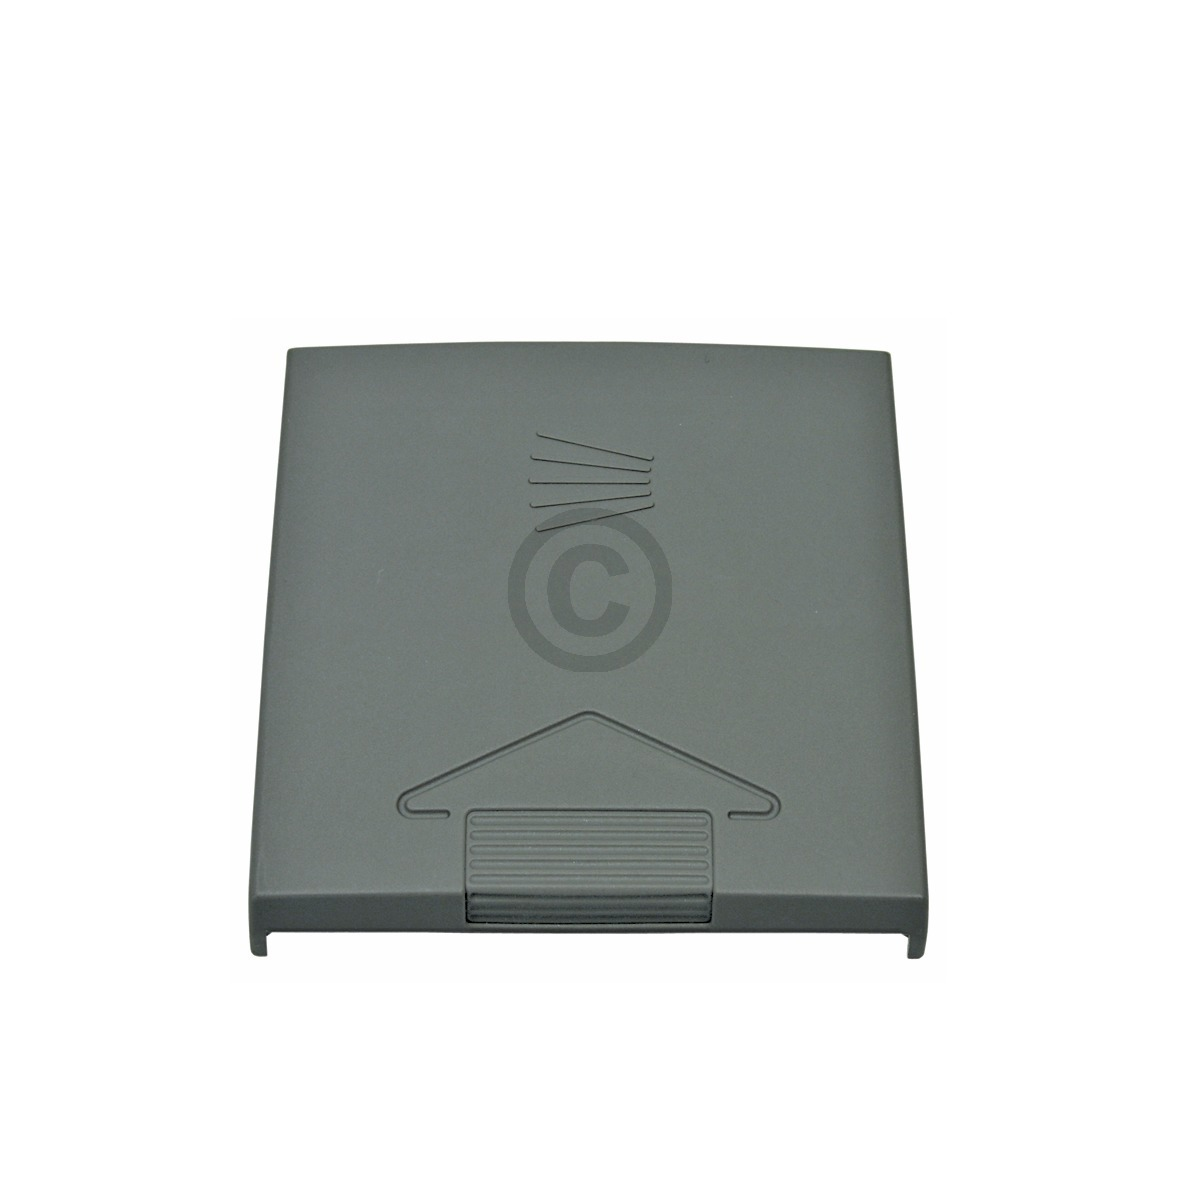 Deckel für Reinigerfach 00166621 166621 Bosch, Siemens, Neff